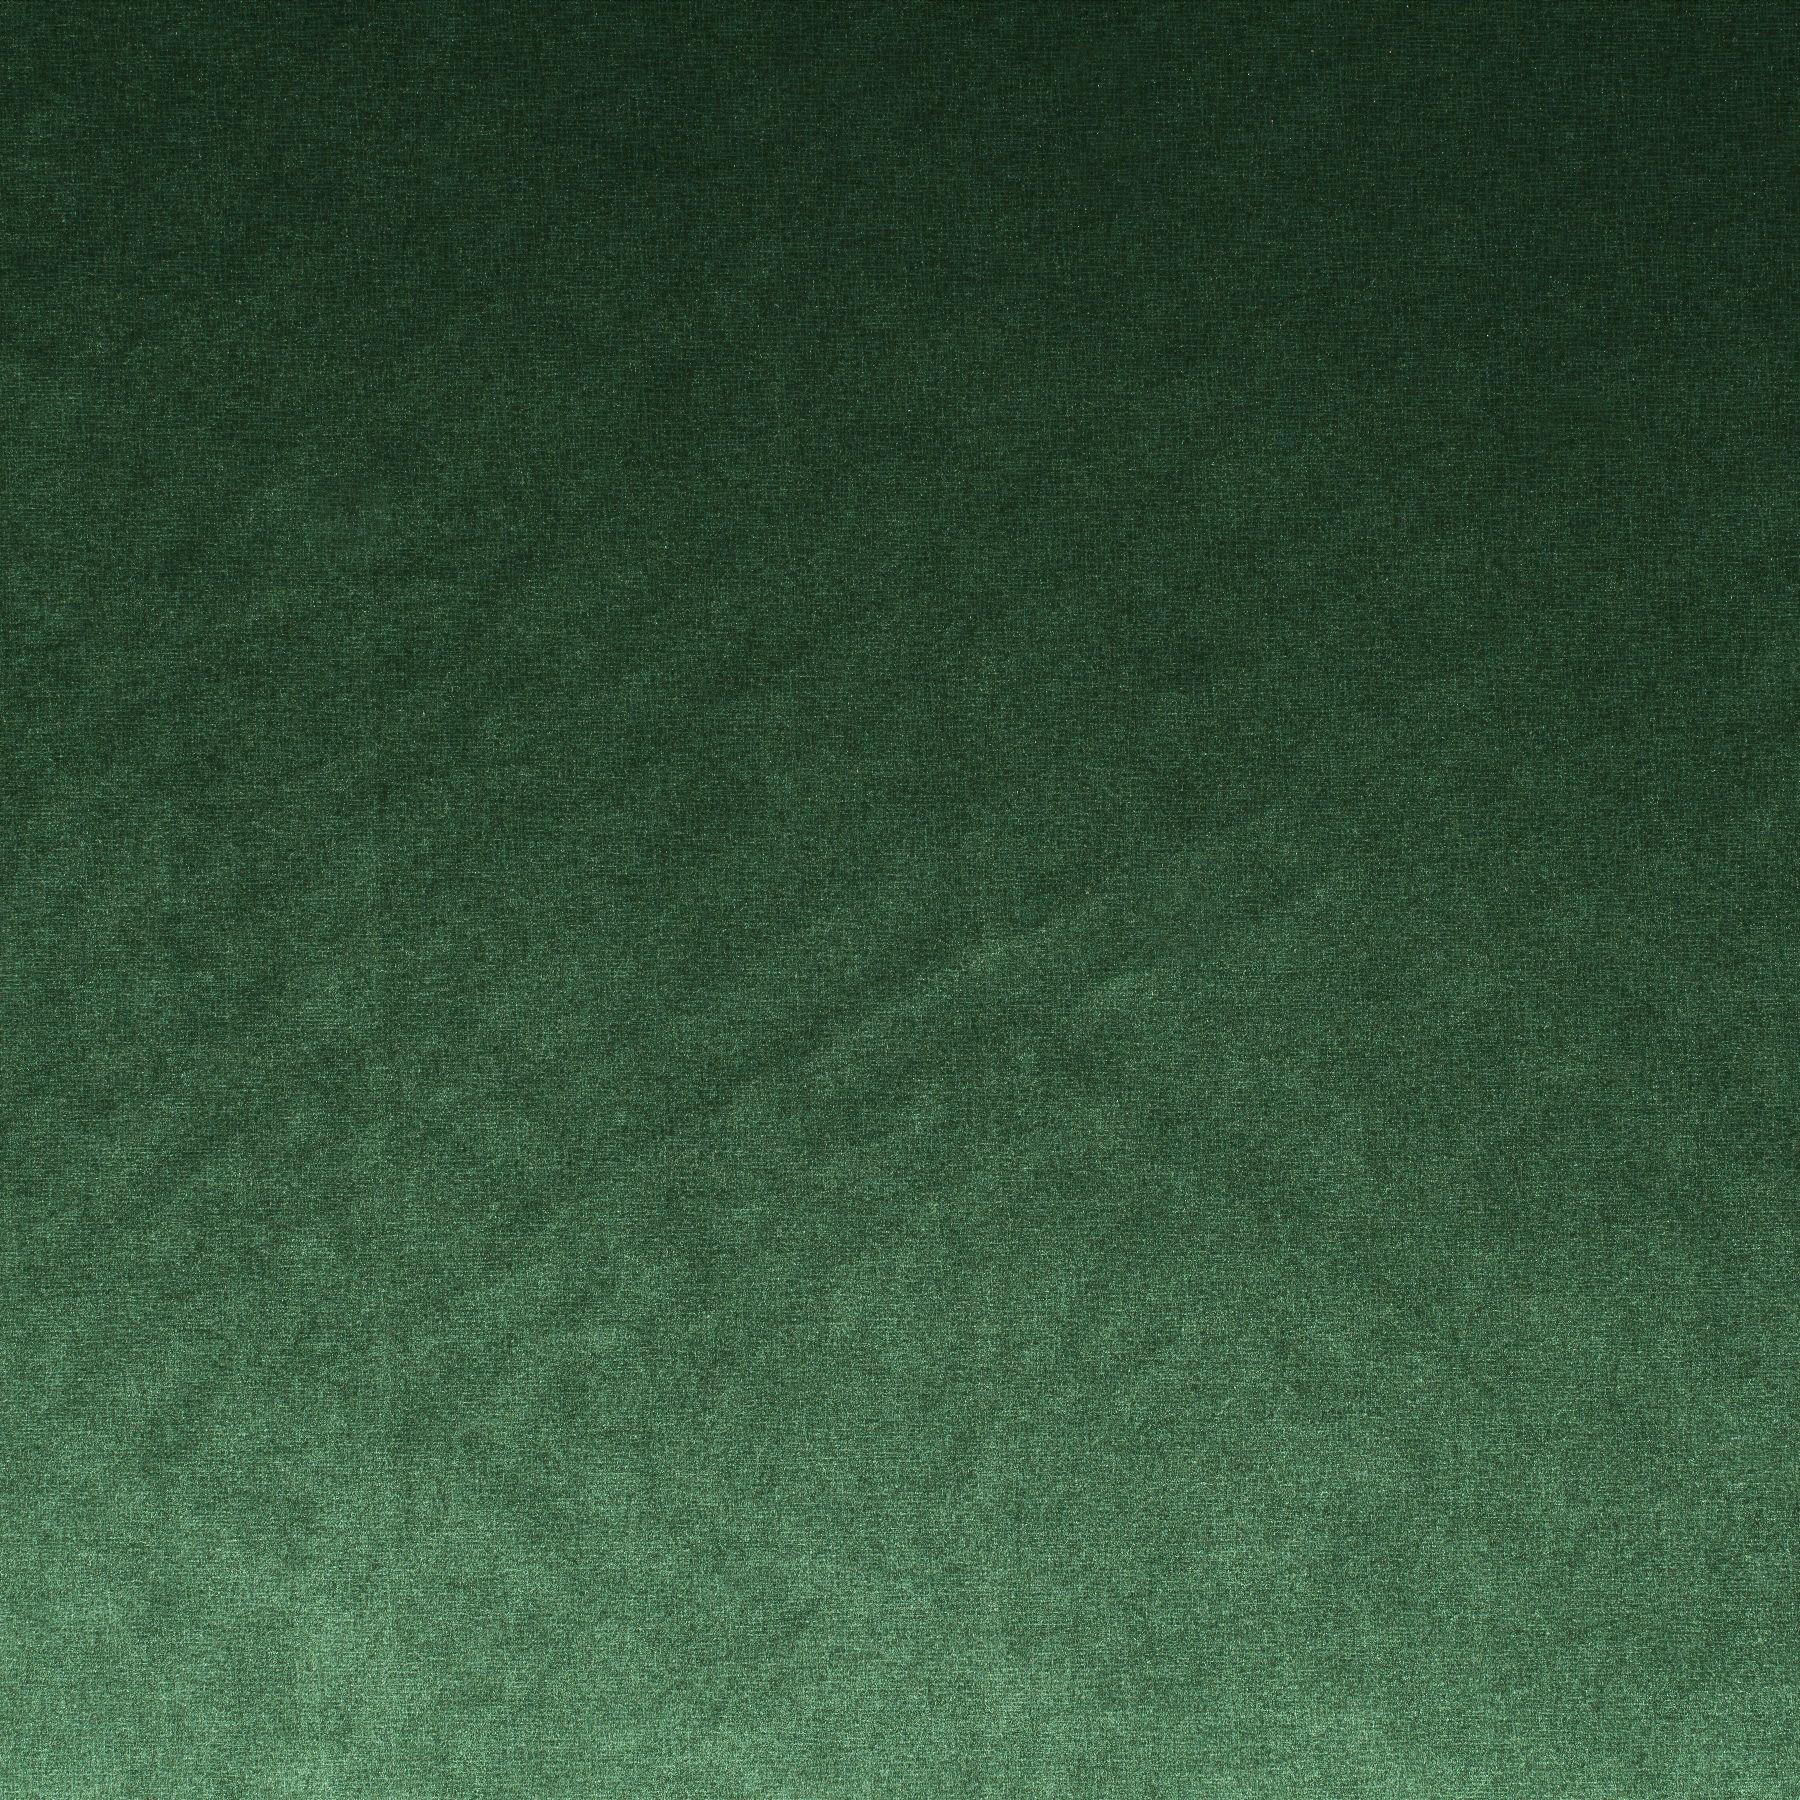 upholstery fabric punto velvet ca1293 033 jab anstoetz